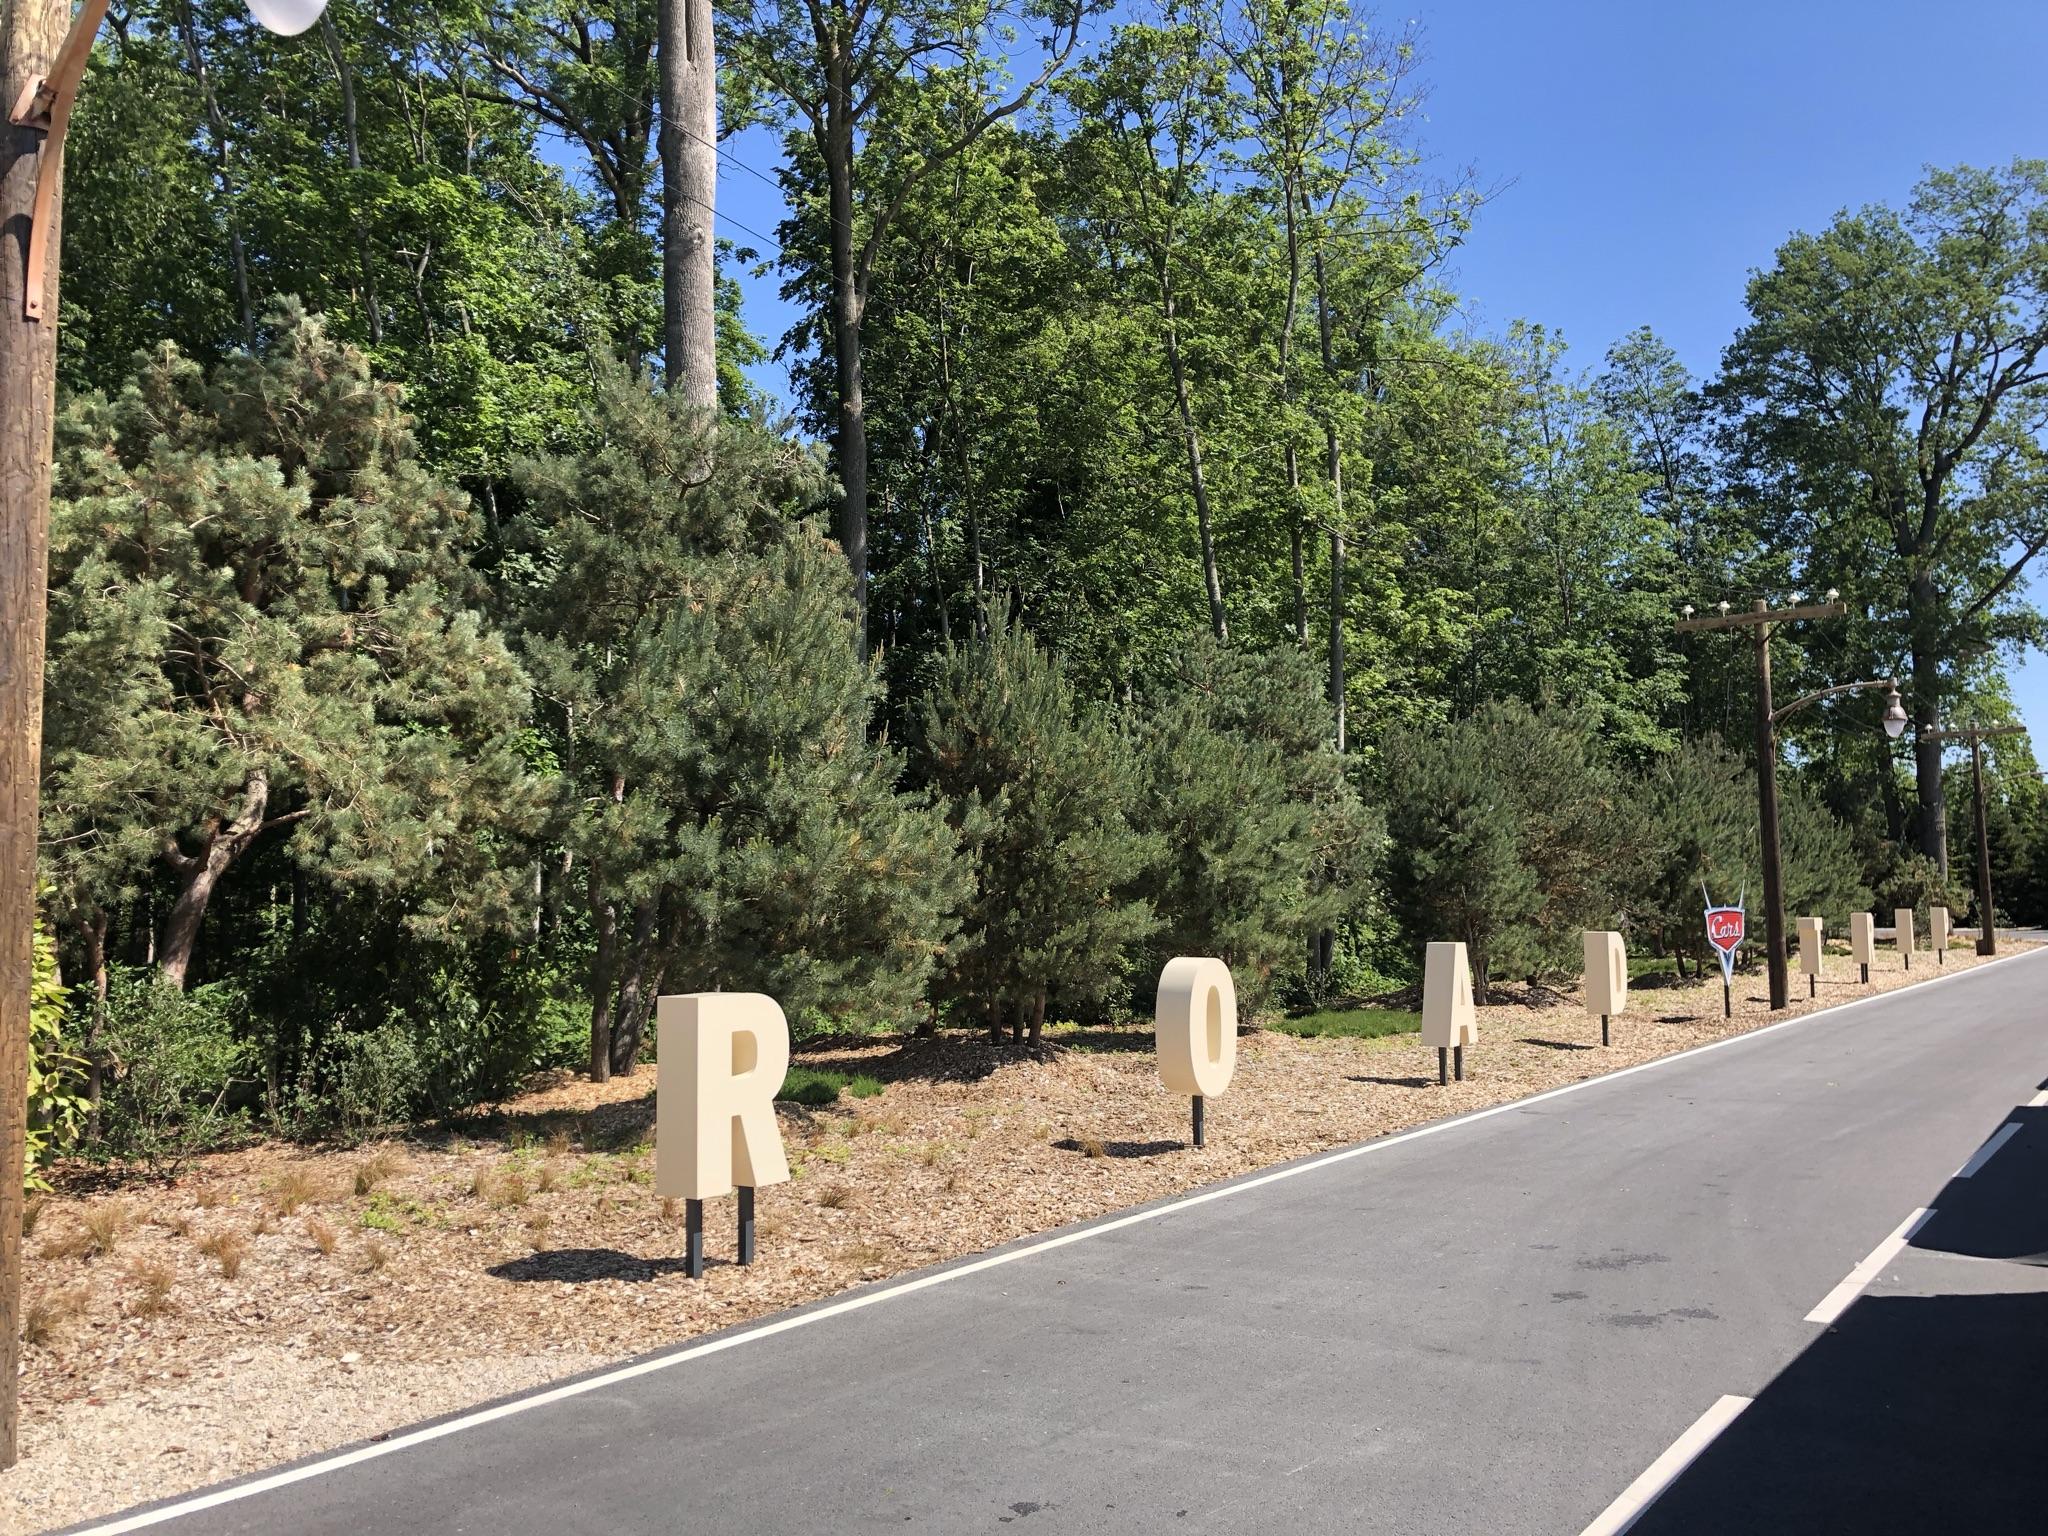 """ntage aux éléments de décor, qui rend très bien avec la storyline. Le long des Trams, les visiteurs pourront apercevoir les lettres """"Road Trip"""", qui rappellent les lettres """"California"""" de l'entrée de Disney California Adventure, aux Etats-Unis."""